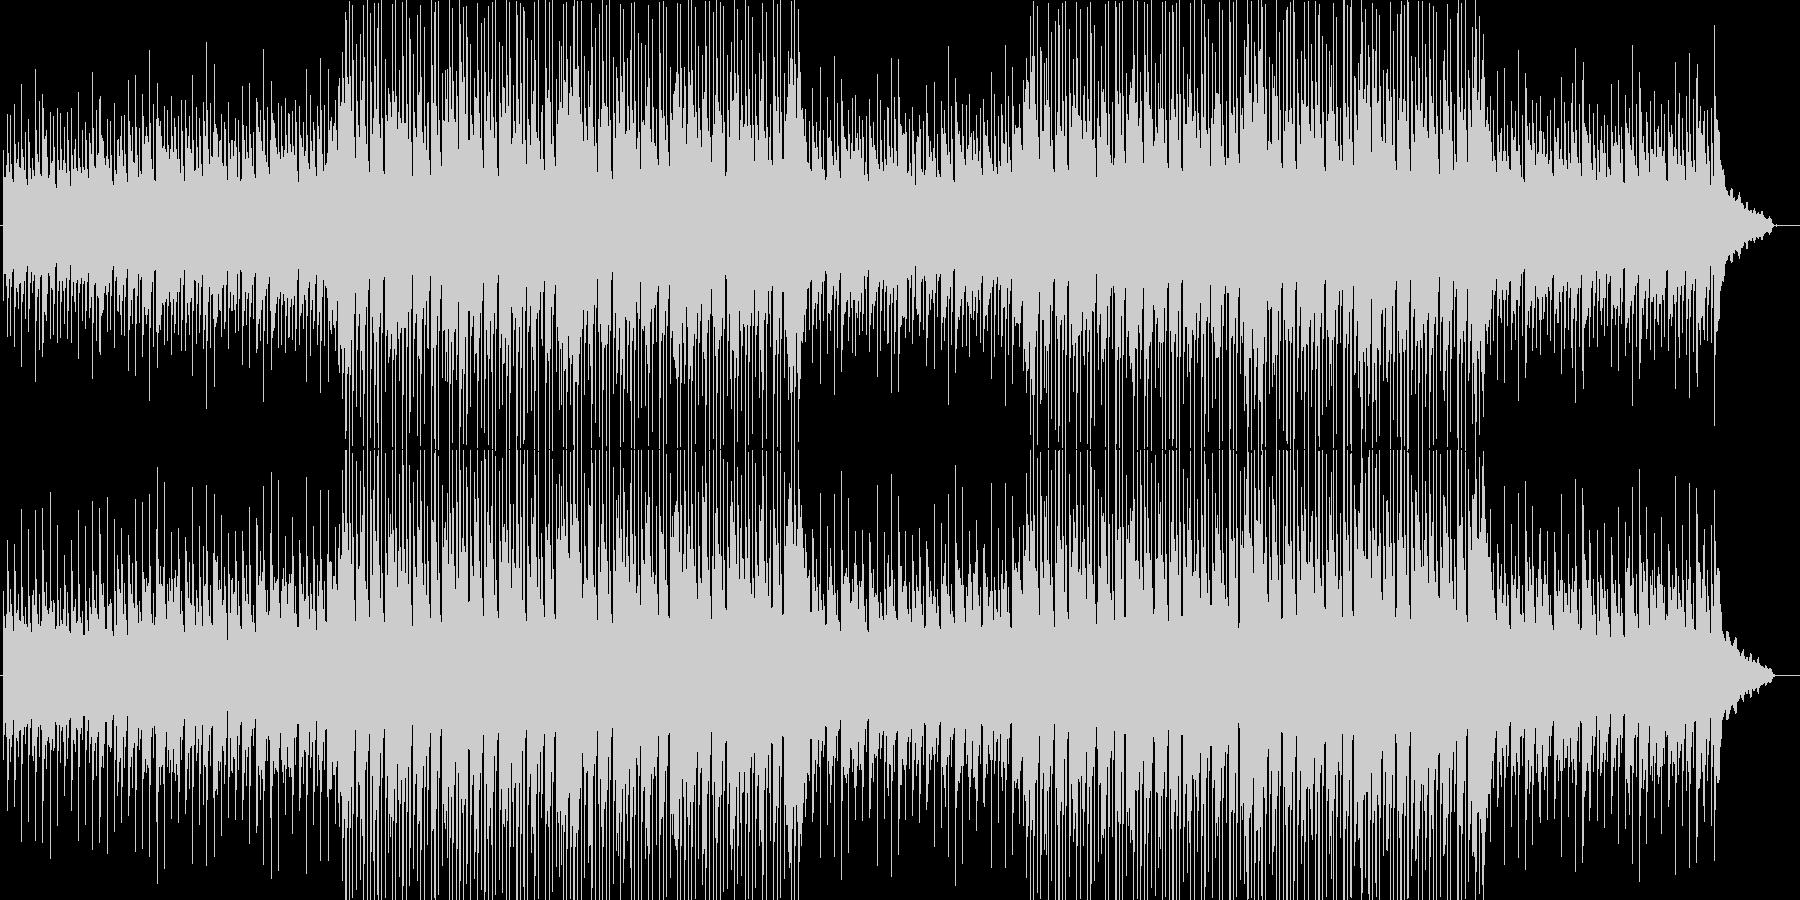 ウクレレ、ほのぼの、南国、夏、ビーチ、Bの未再生の波形